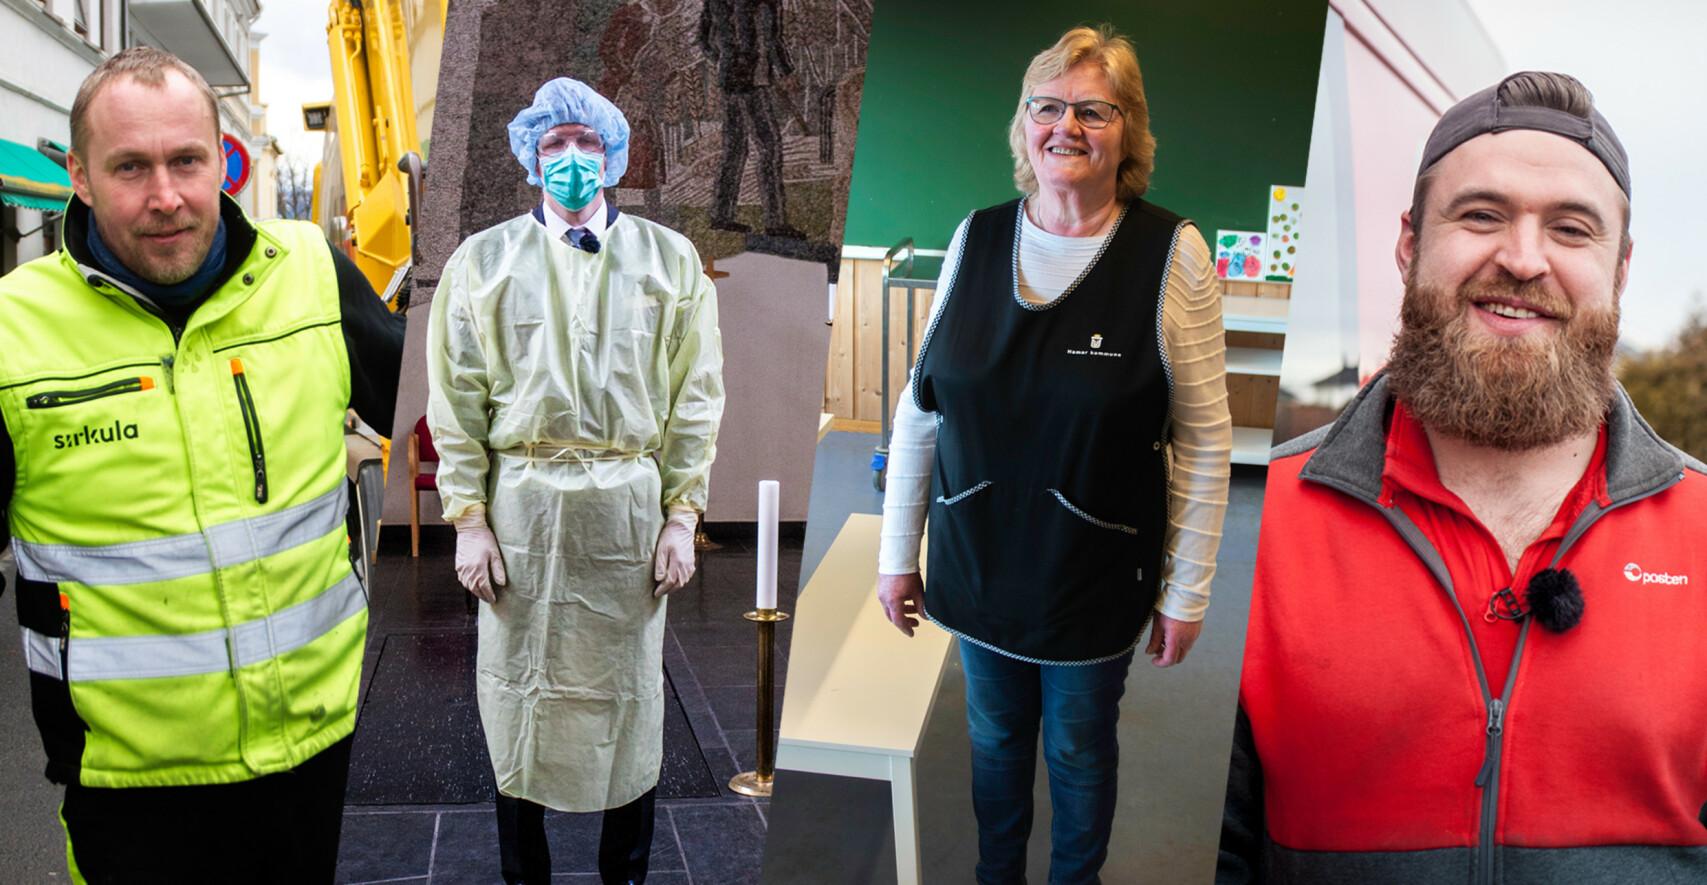 «DE USYNLIGE»: Renovatør Gatis Kantans, gravferdskonsulent Henrik Tveter, renholder Gerd Lunde og postbud Even Hermansen.